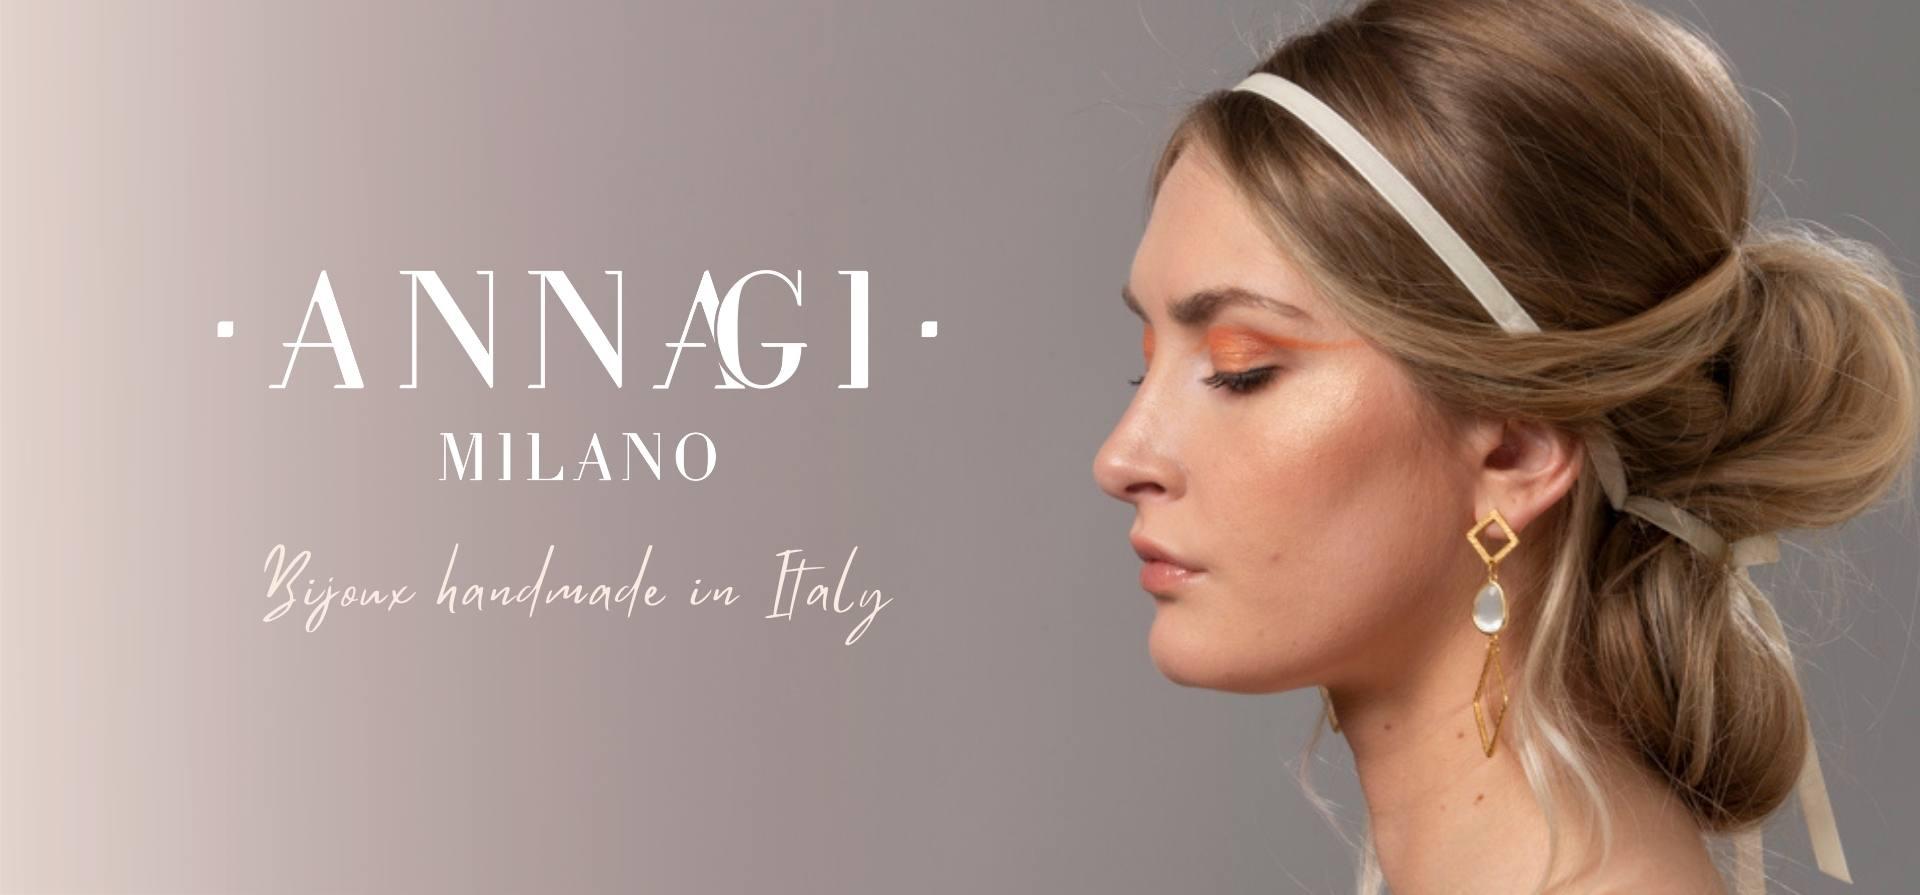 AnnaGi Milano bijoux personalizzabili fatti a mano in Italia